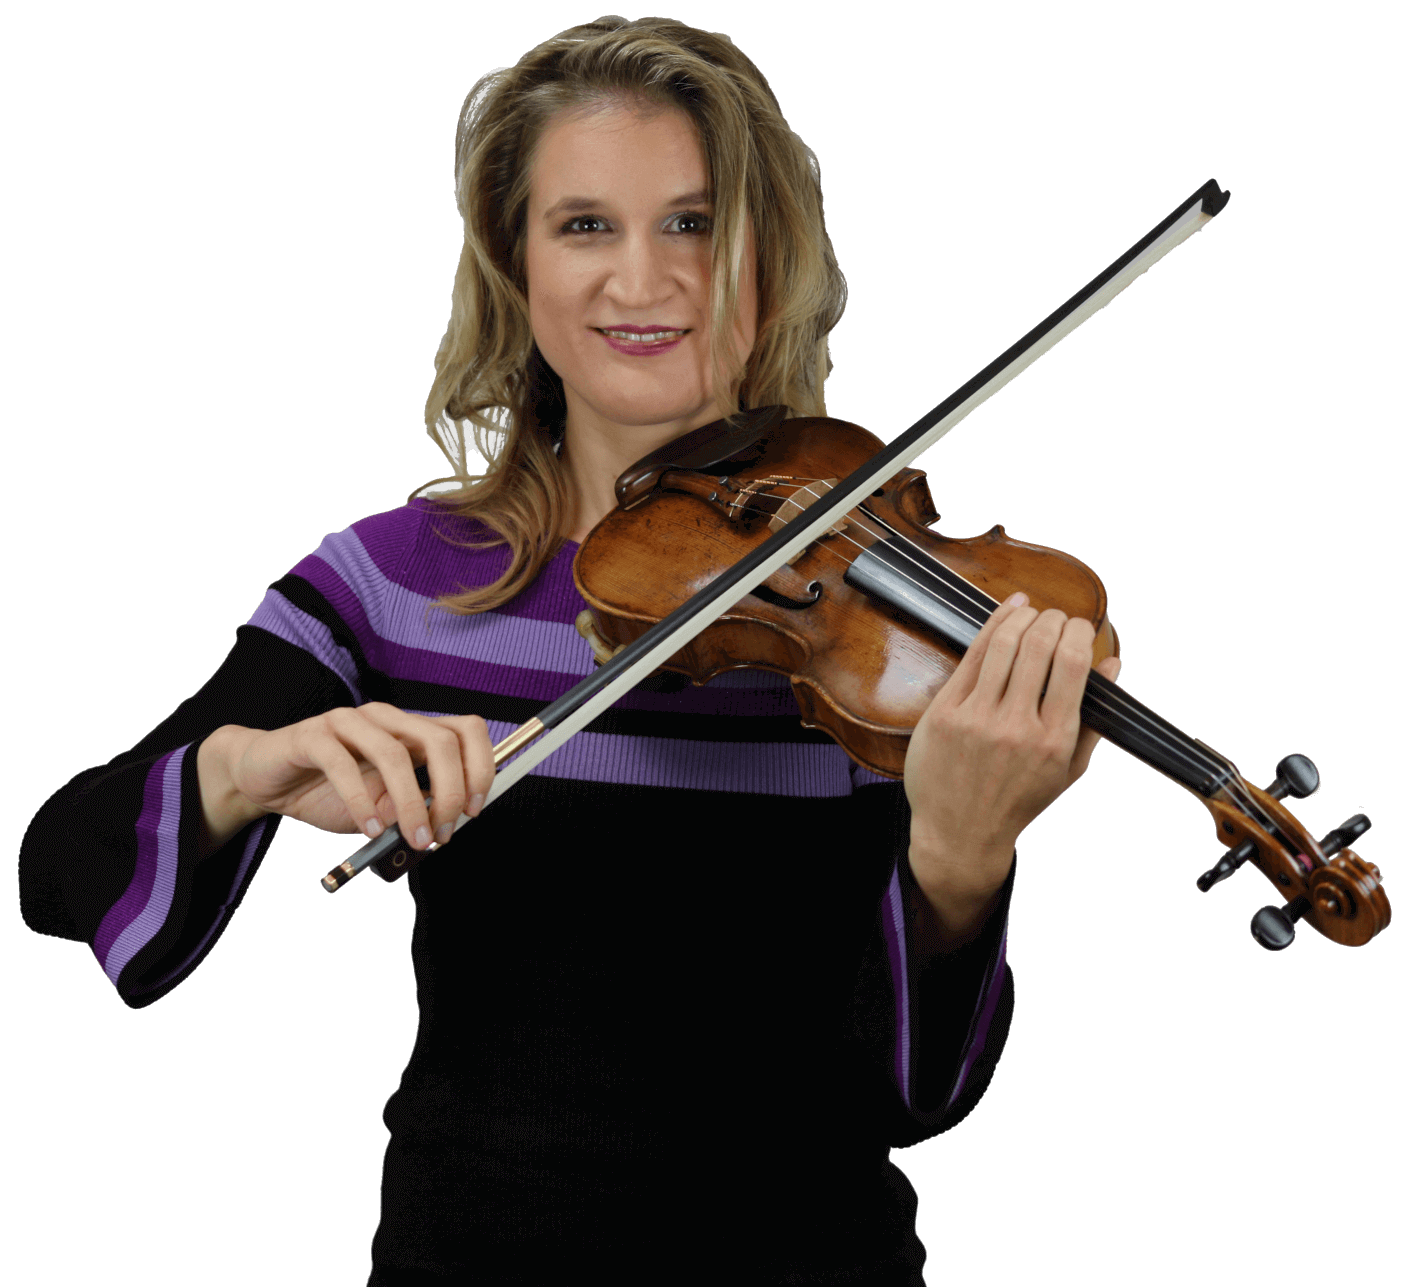 violinlounge bowlikeapro masterclass program zlata brouwer playing violin